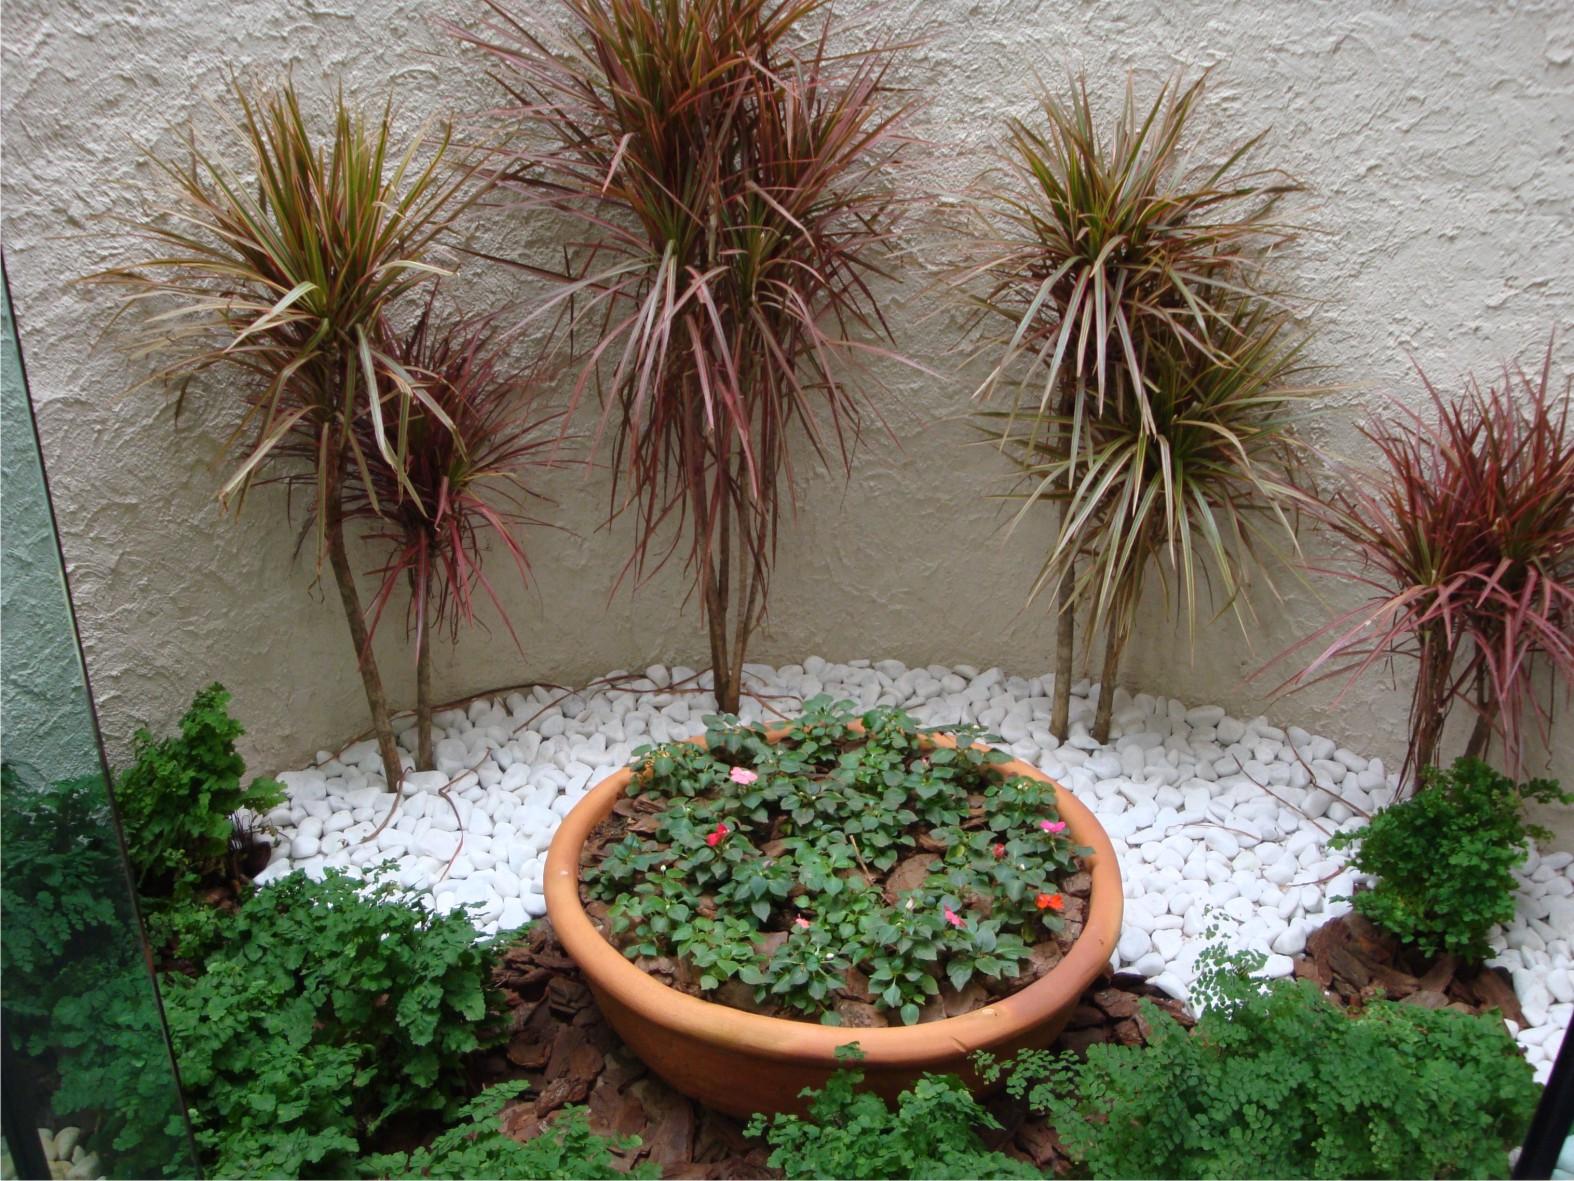 fotos de jardins de inverno #3C6734 1574 1181